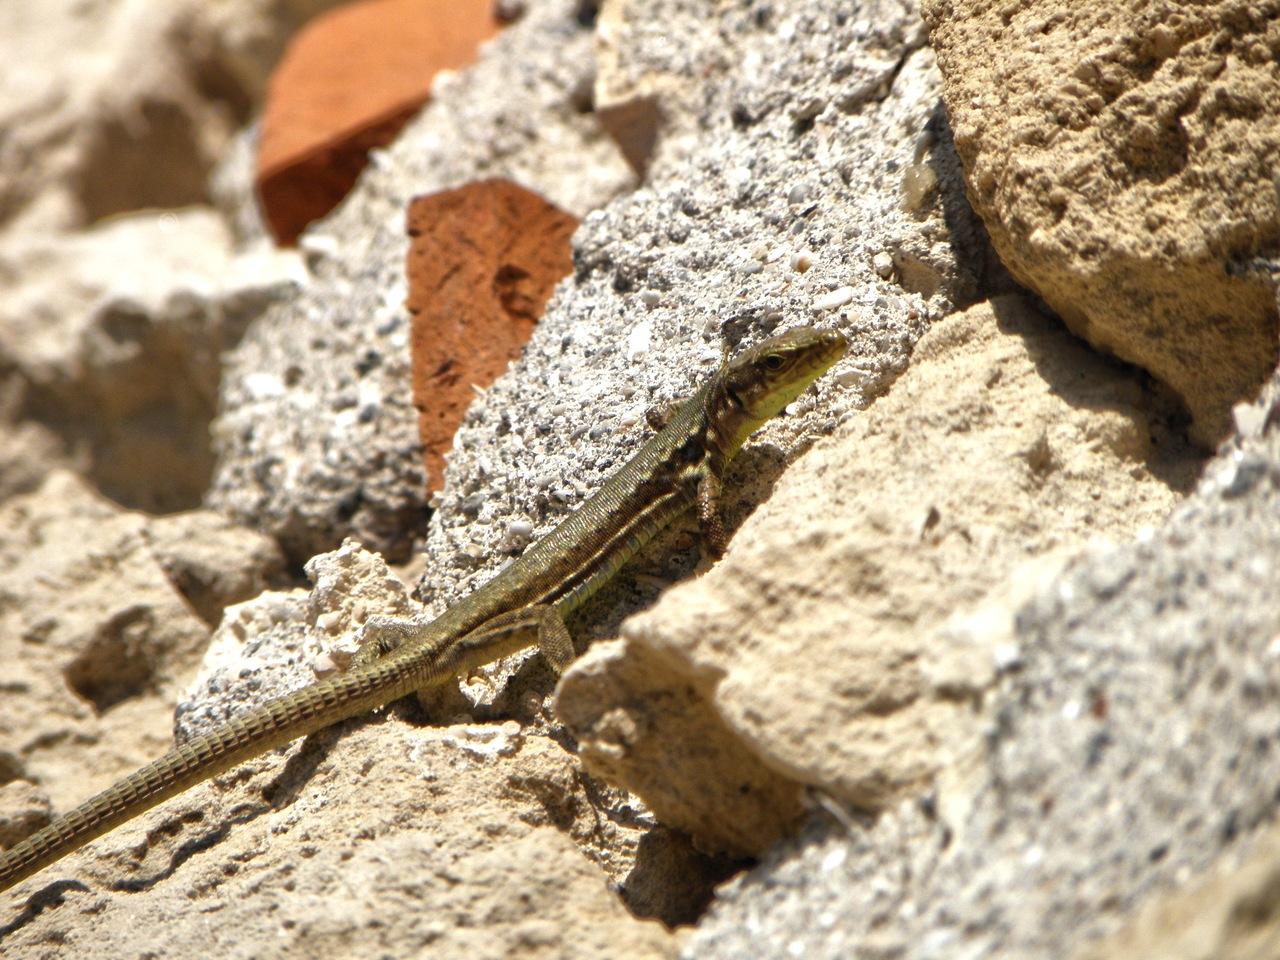 lizardagain